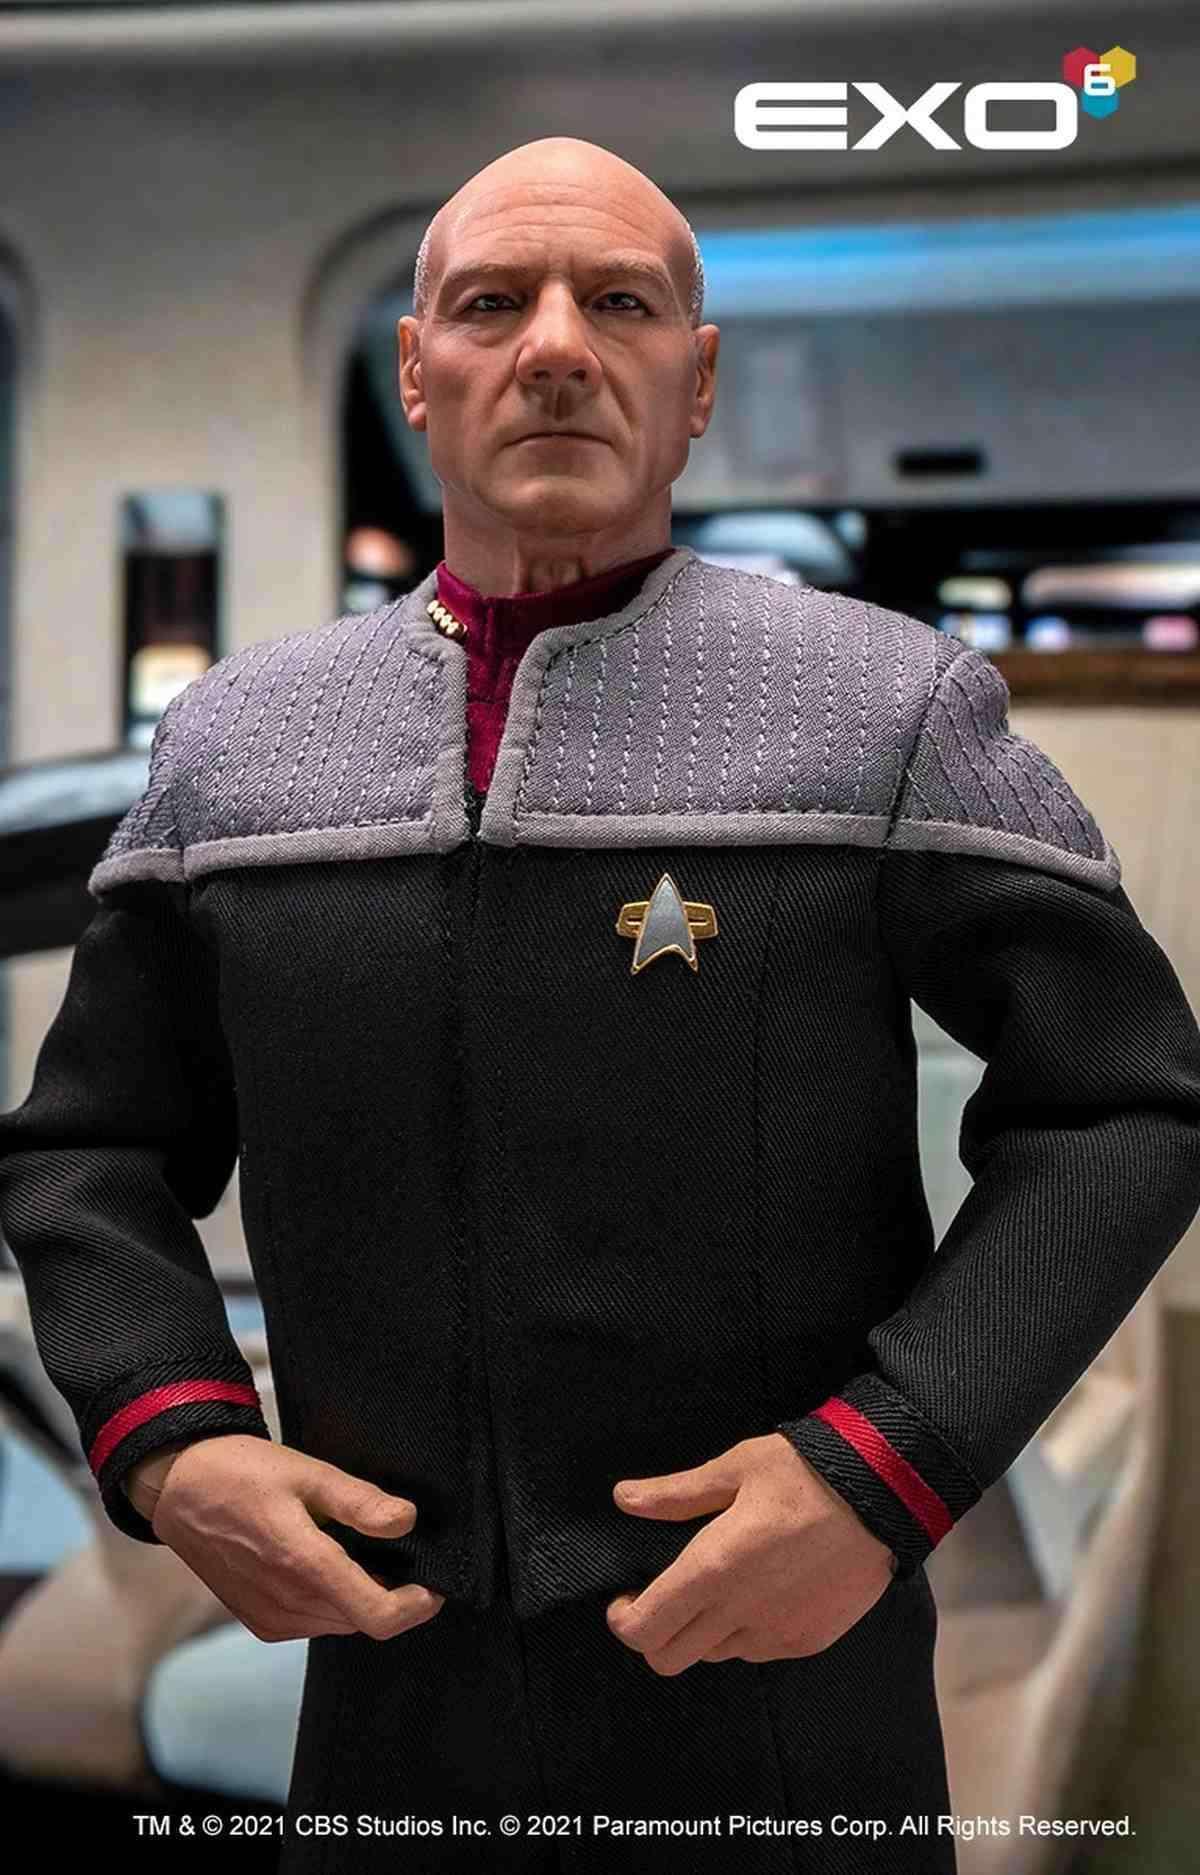 Star Trek First Contact Picard Exo 6 6